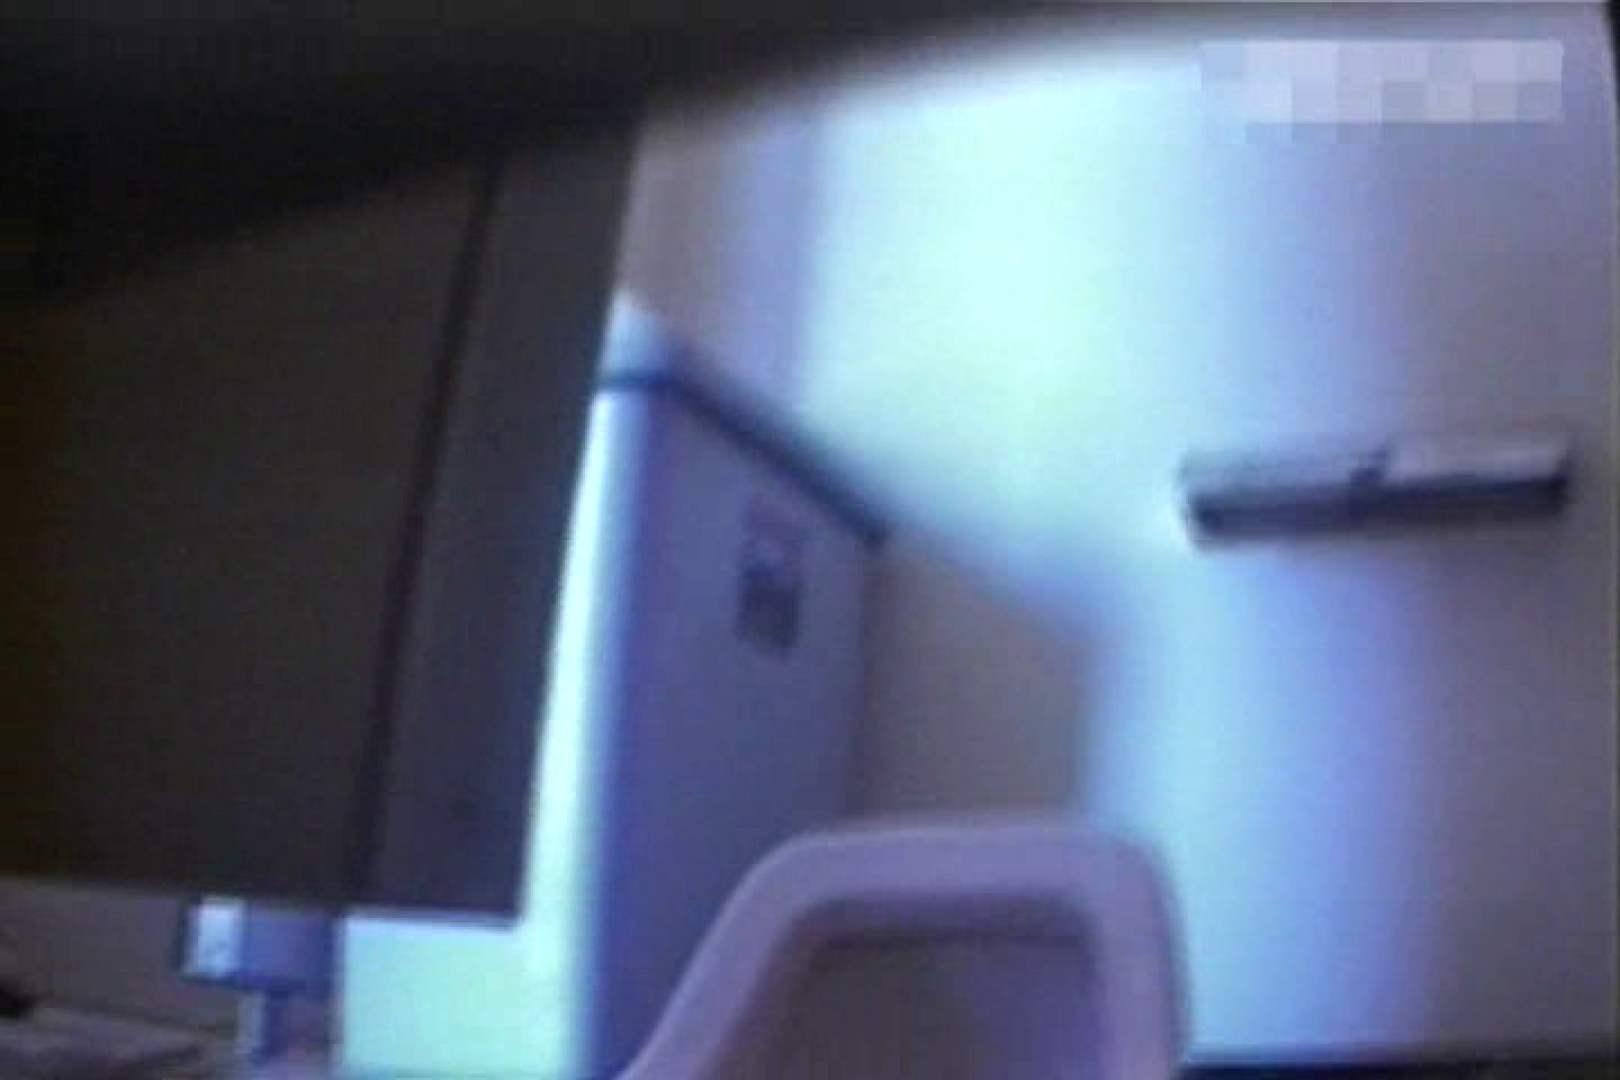 個室狂いのマニア映像Vol.2 エロティックなOL AV動画キャプチャ 105画像 97